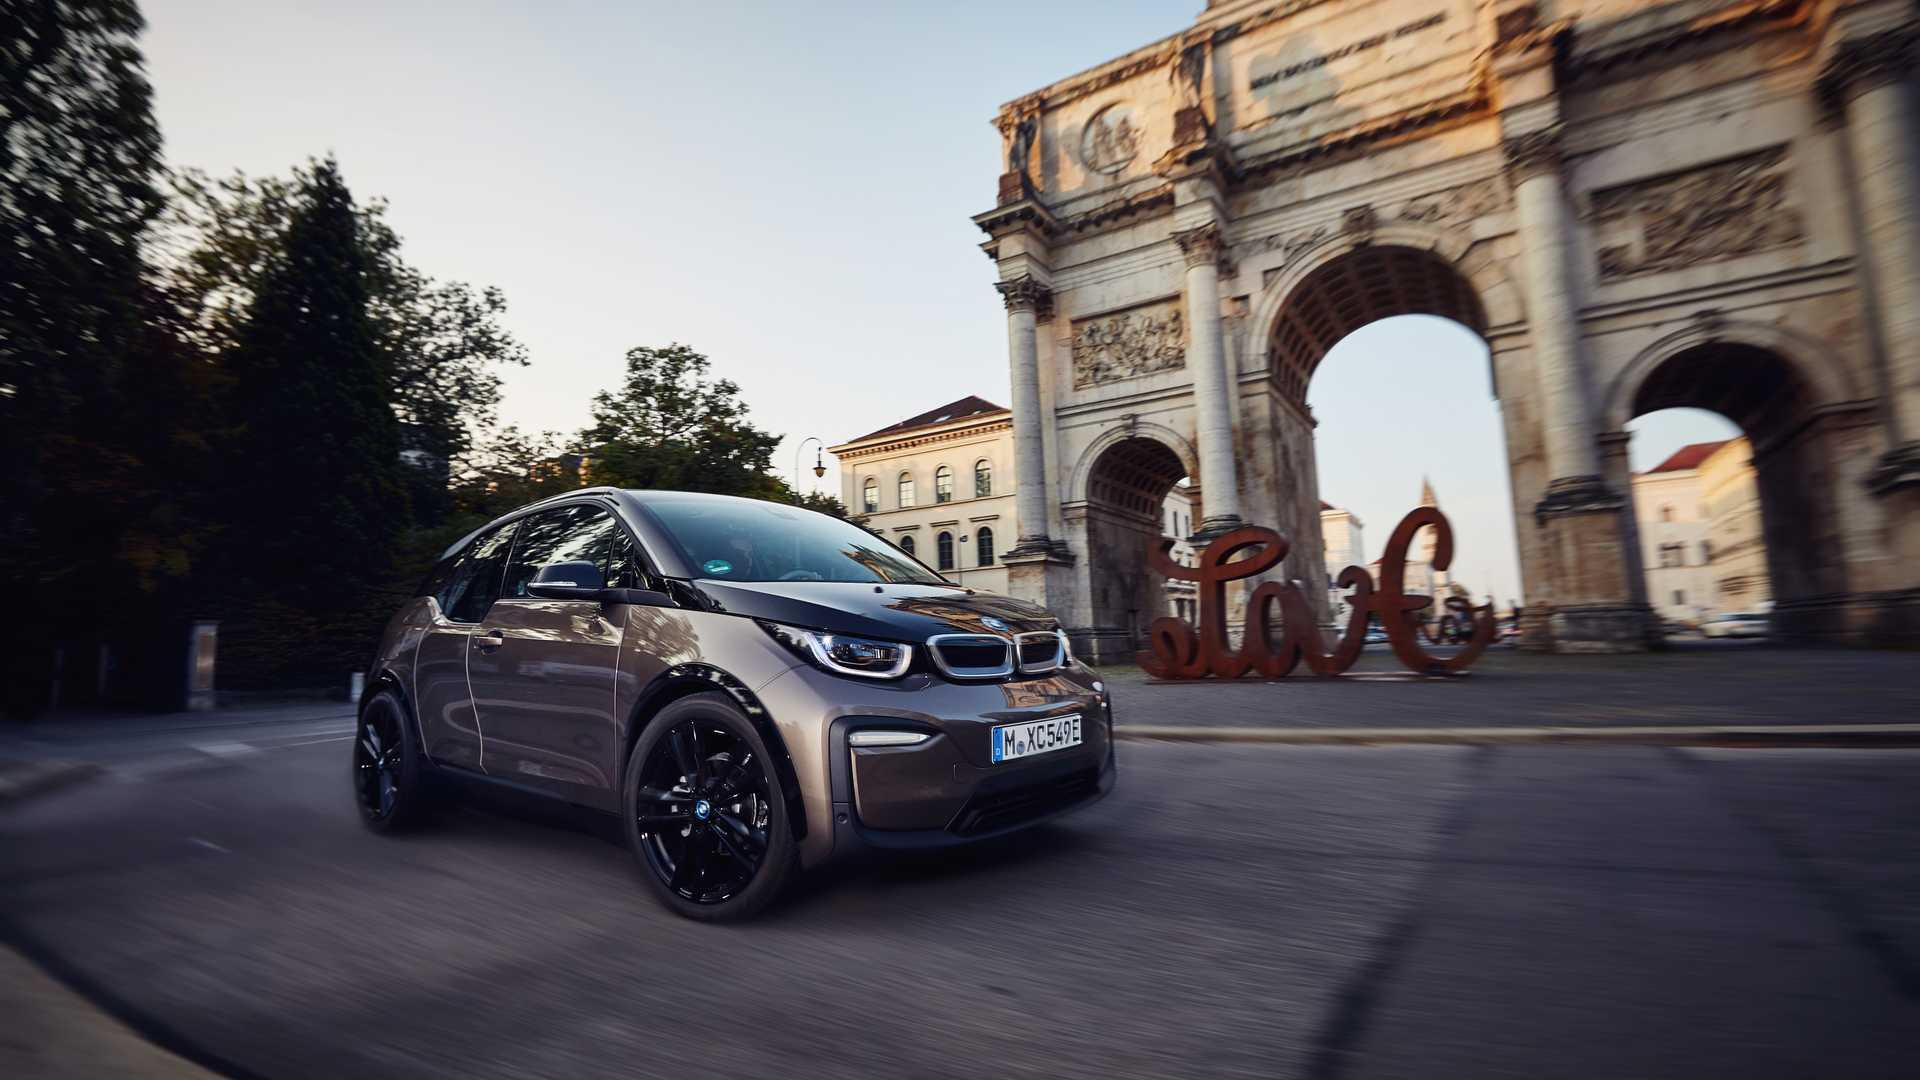 2. BMW i3